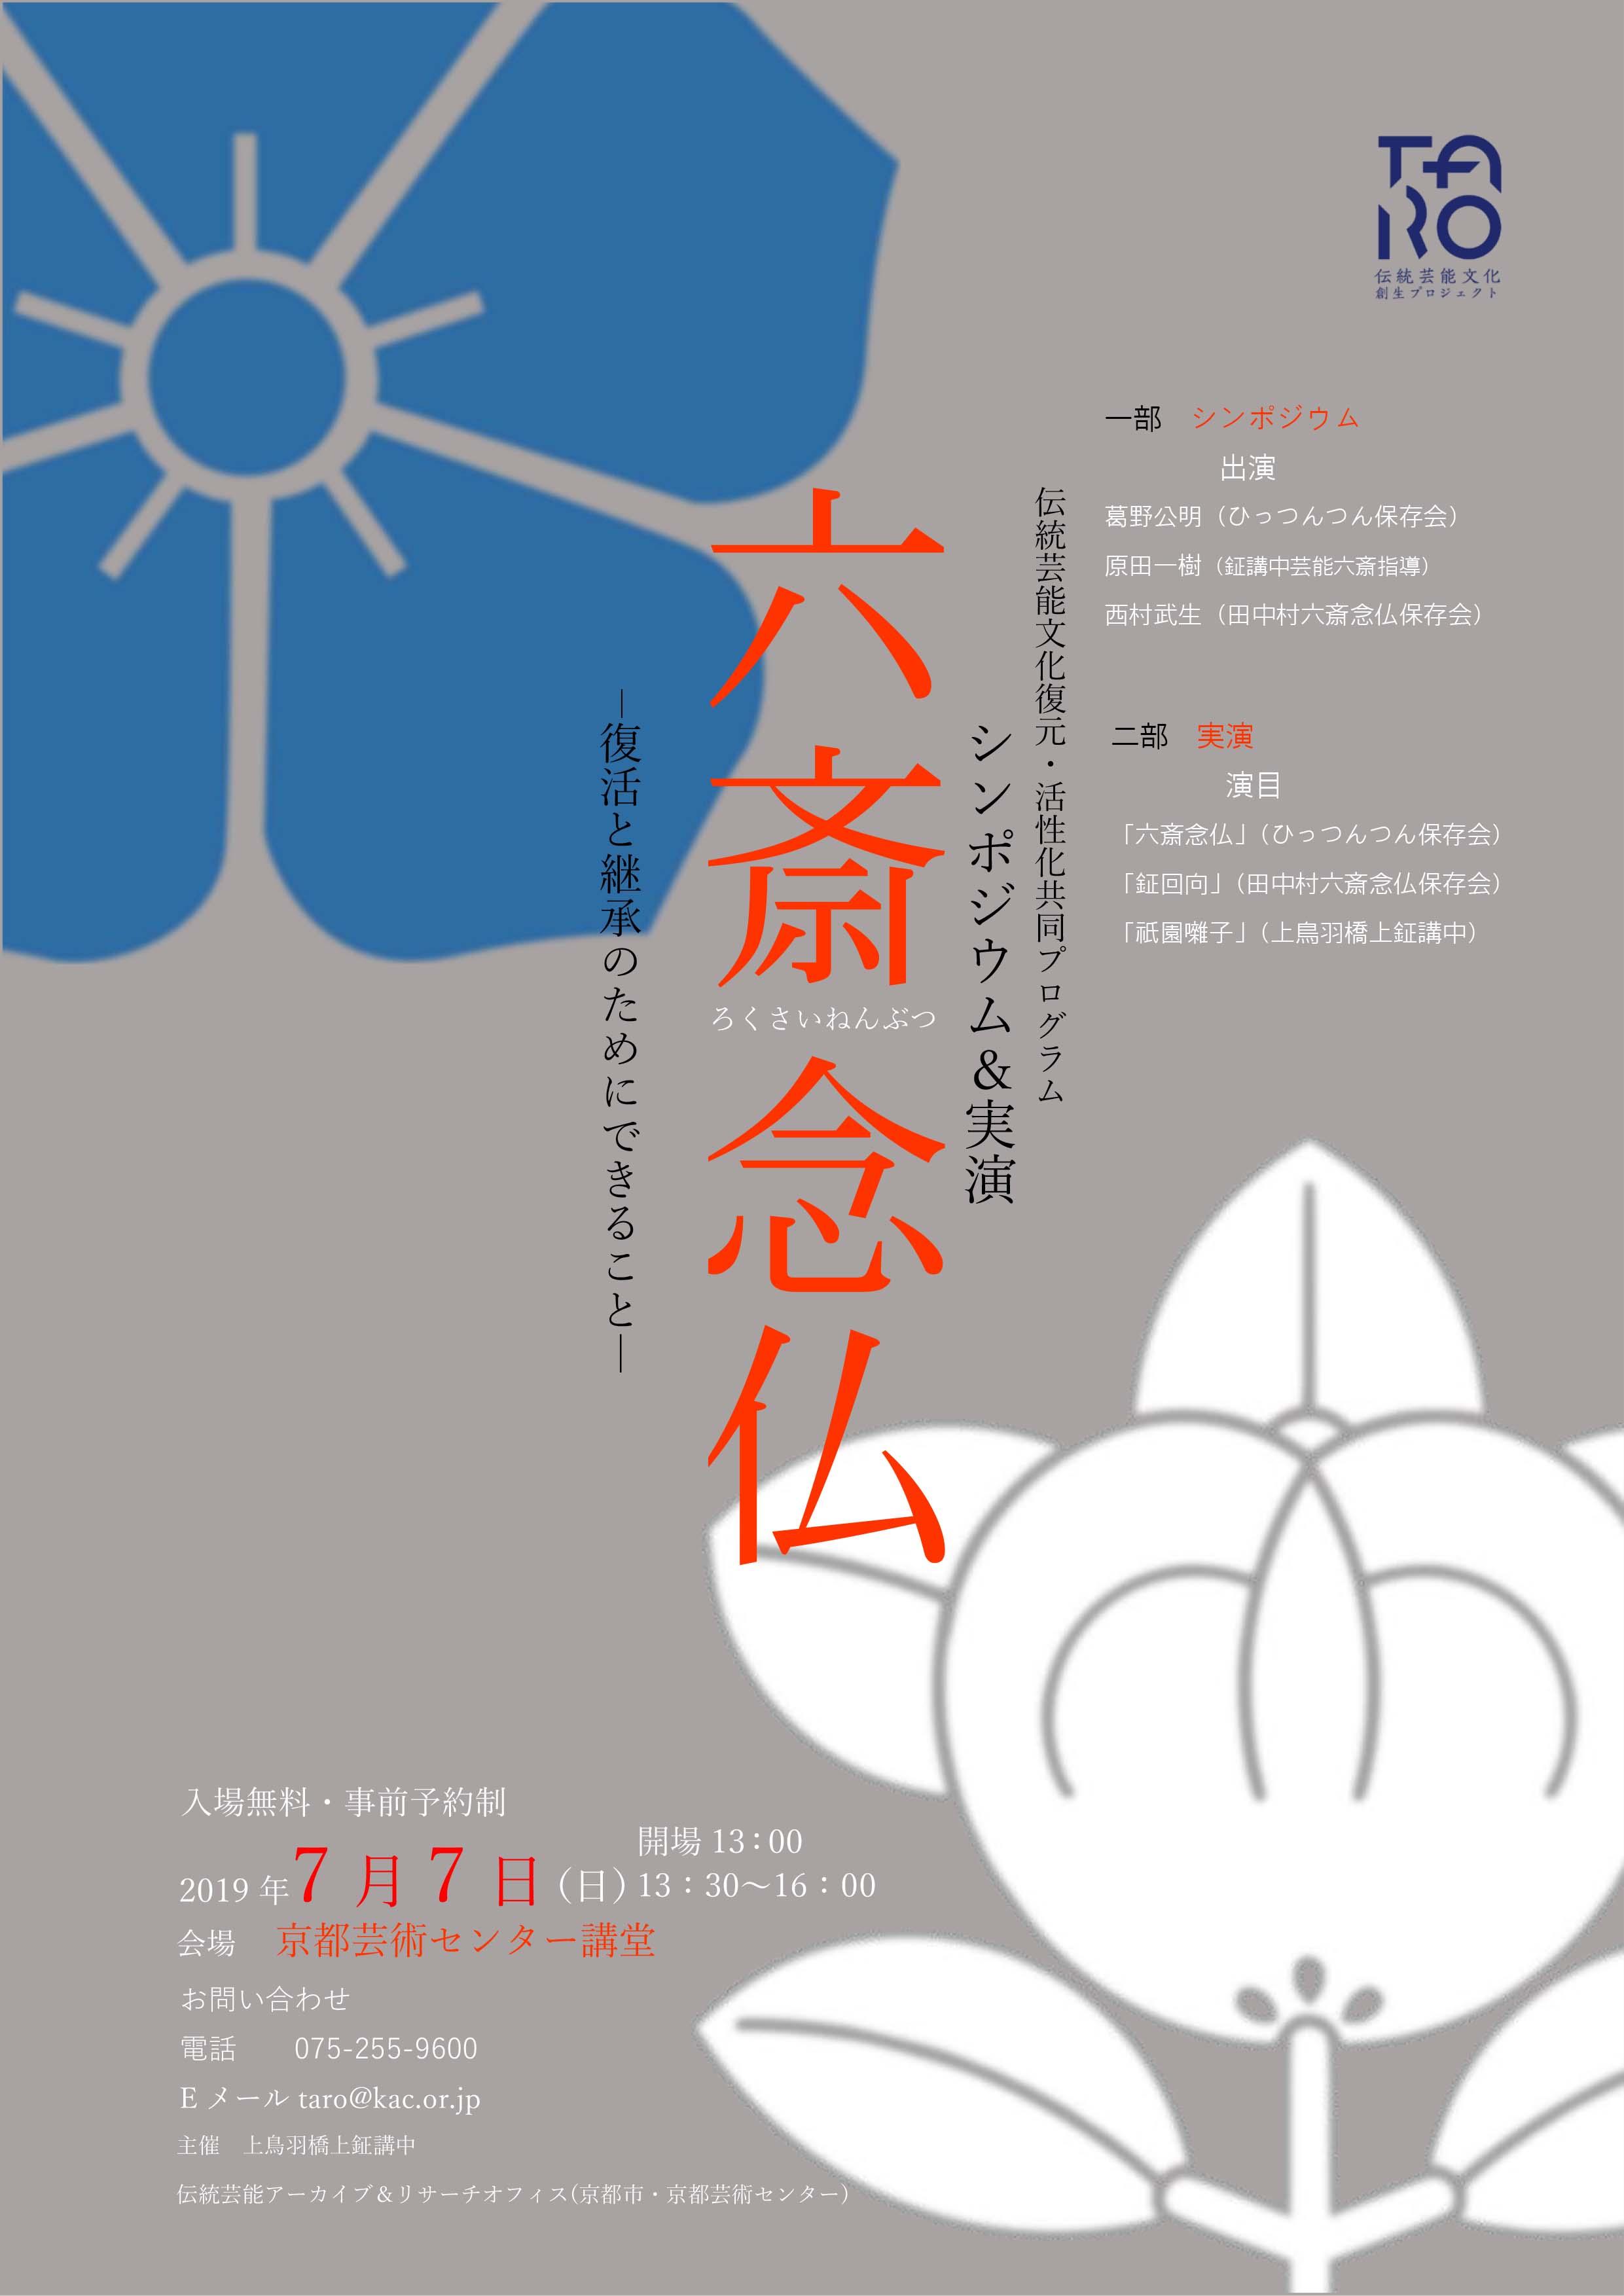 シンポジウム&実演「六斎念仏―復活と継承のためにできることー ...